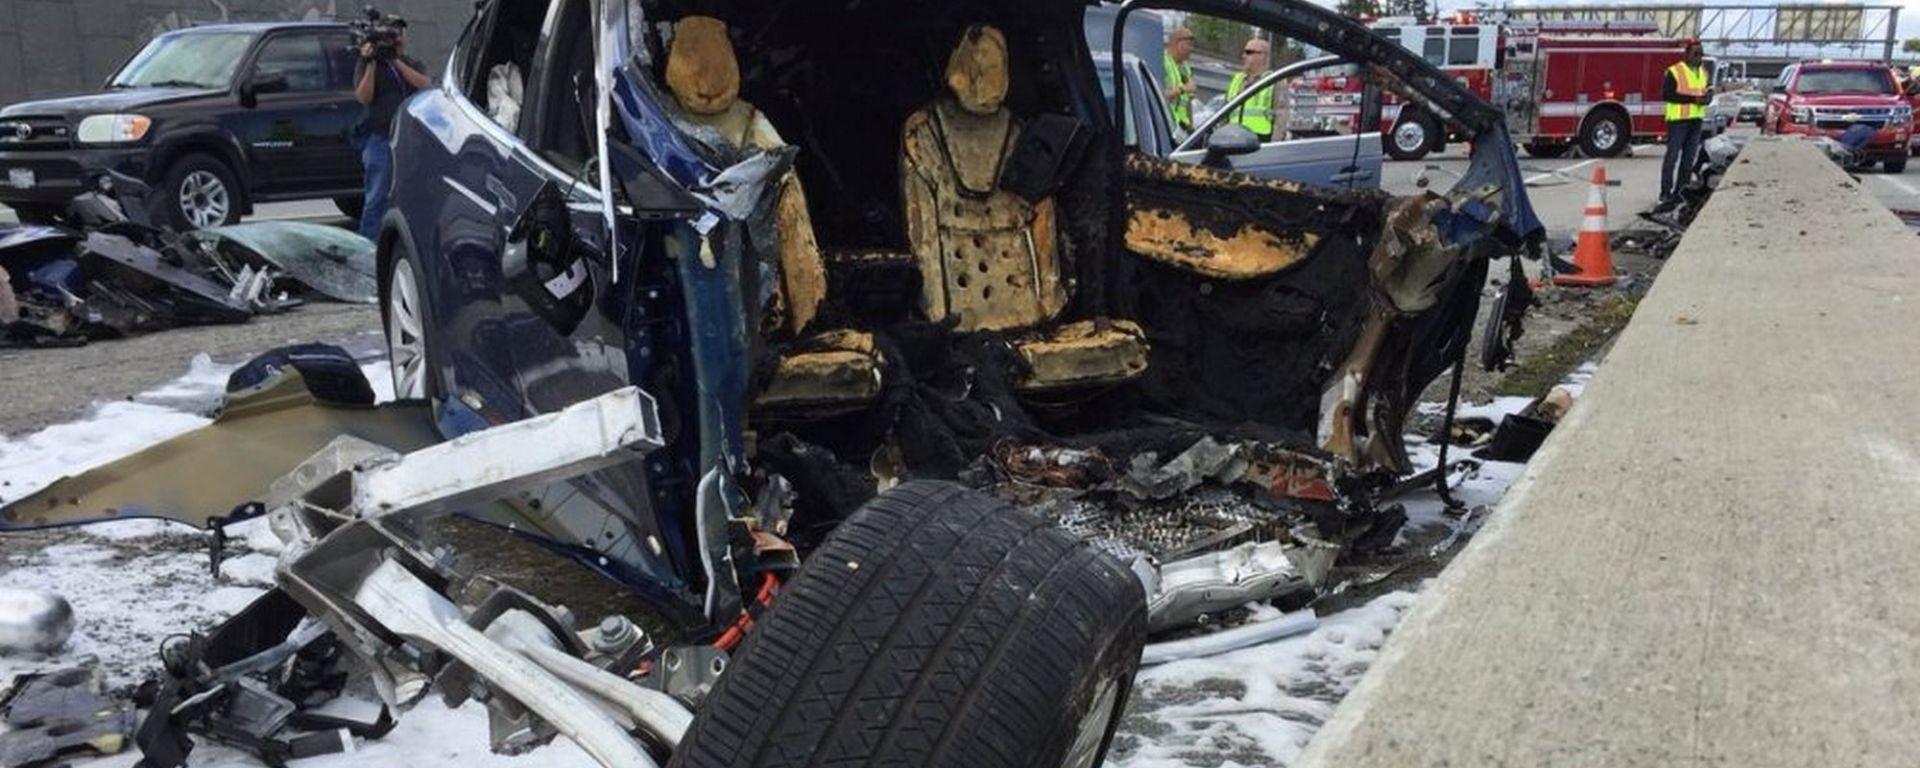 Incidente mortale Tesla Model X, il costruttore accusa il guidatore